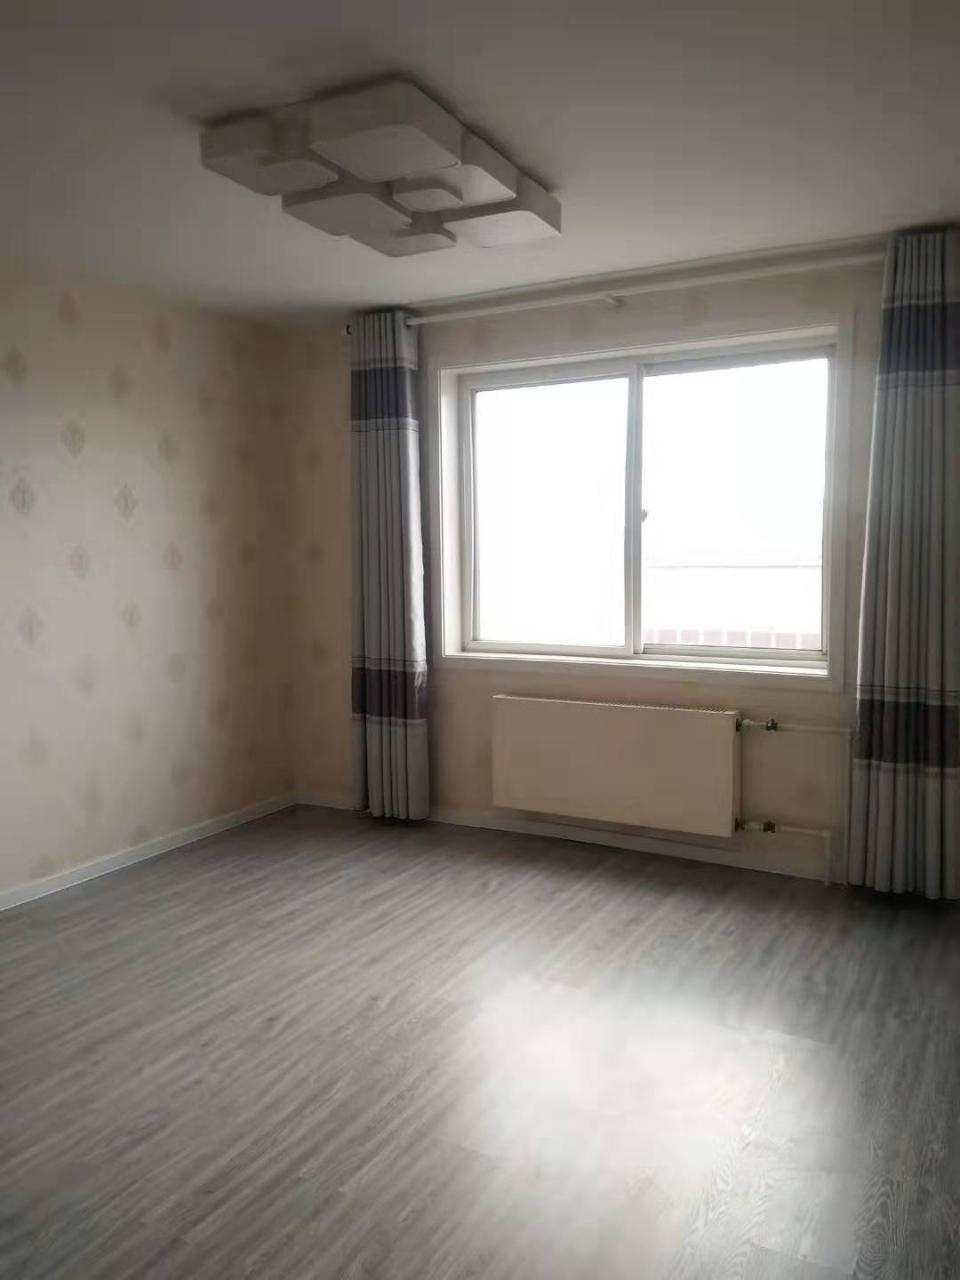 安泰家苑3室 2厅 1卫38万元